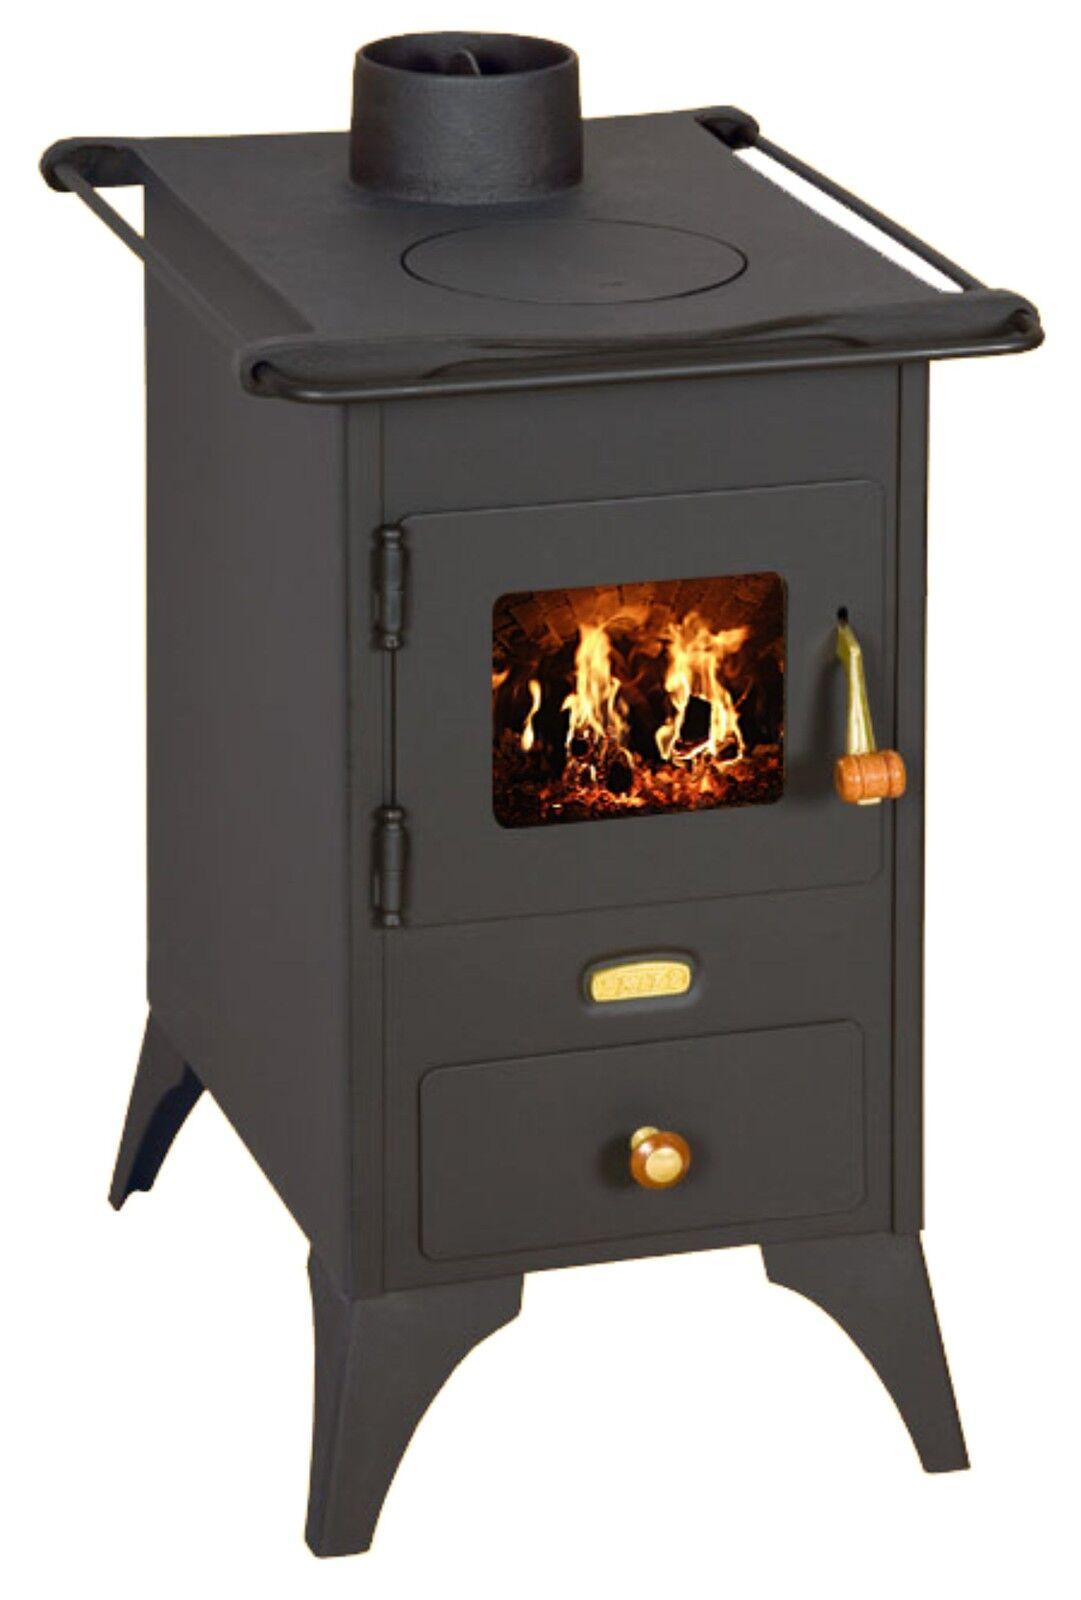 Fabricant Poele A Bois Espagne détails sur poêle à bois rétro fonte assiette brûleur foyer cheminée mini  5kw prity neuf